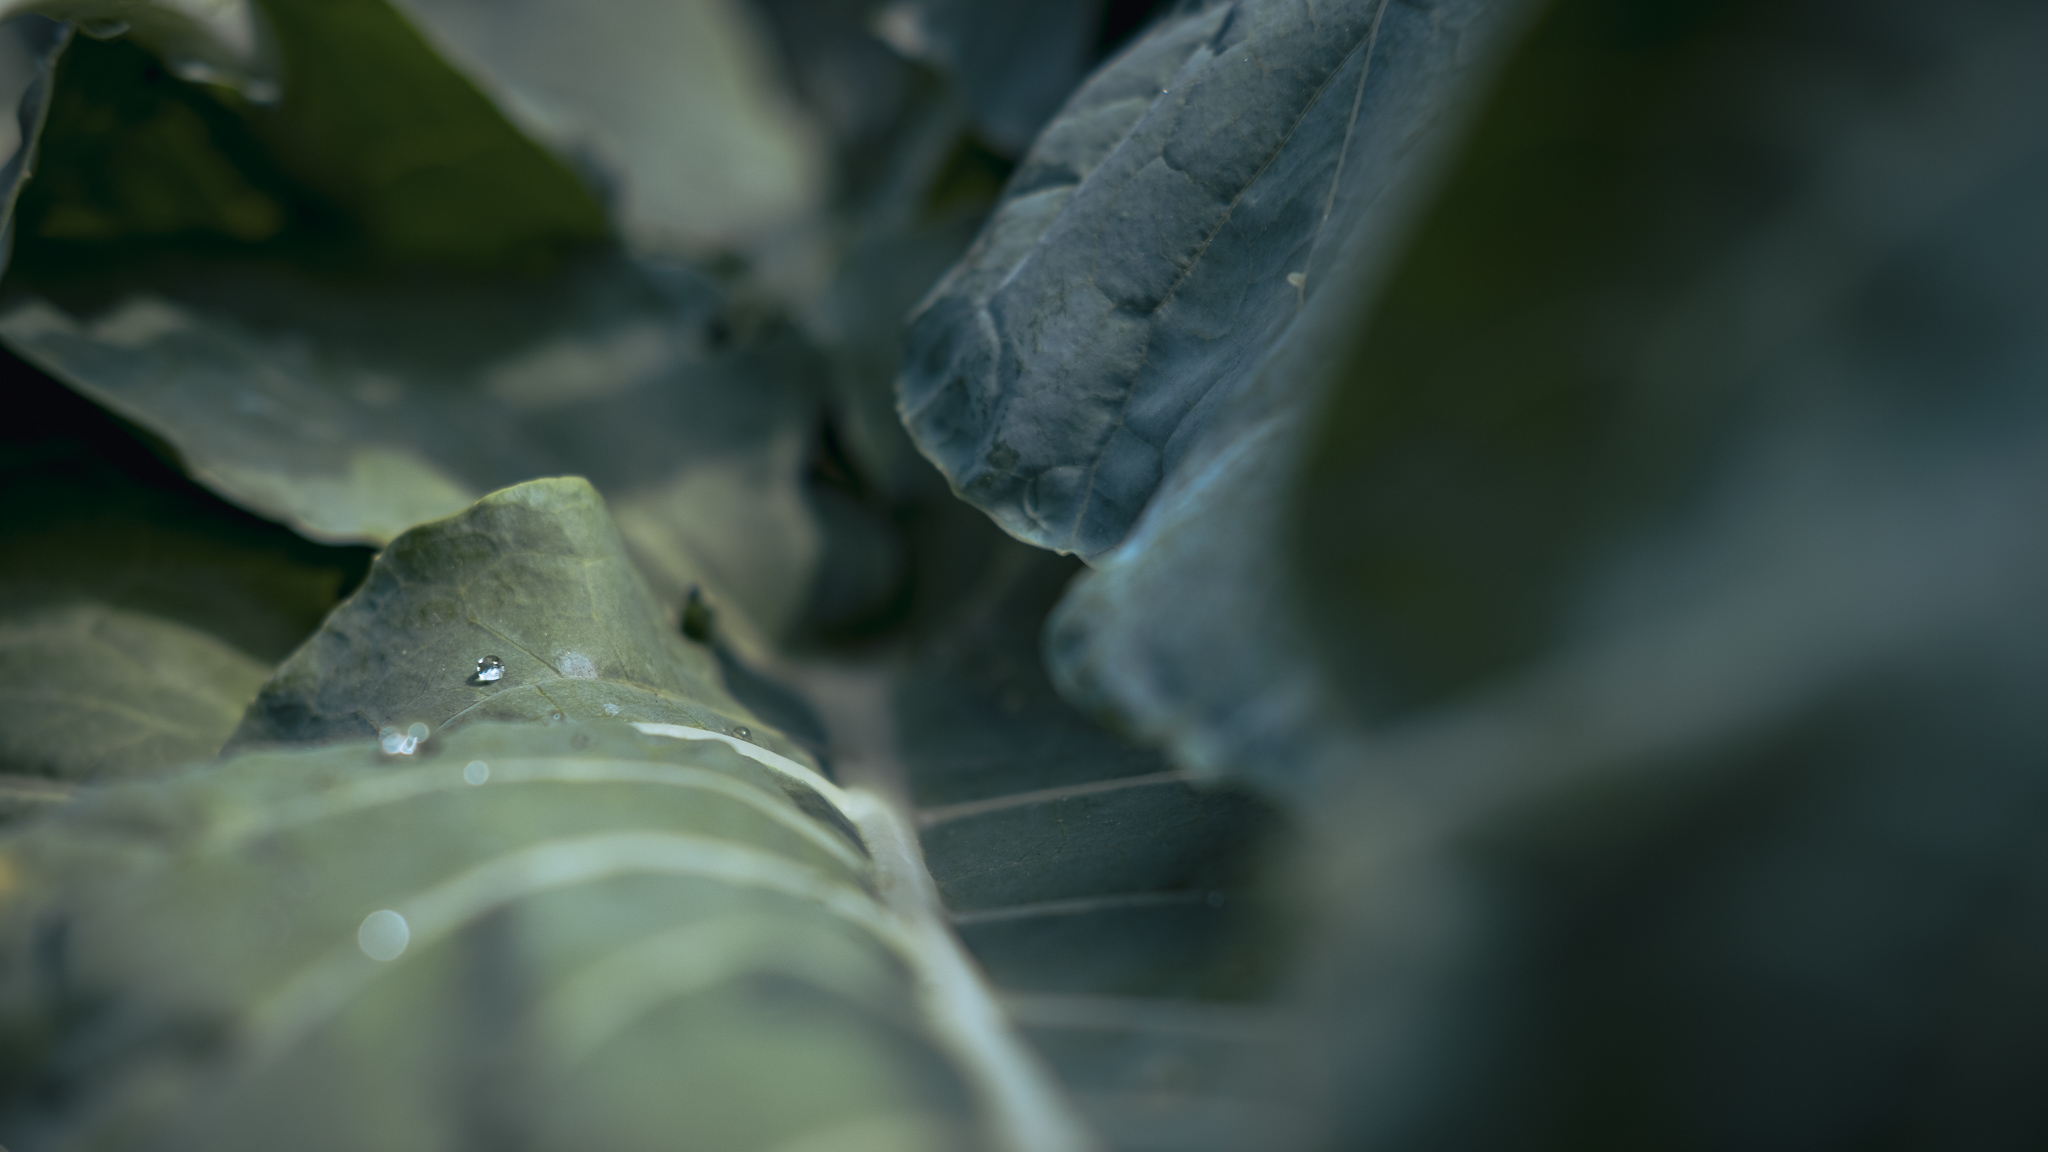 In mitten von großen grünen Blättern liegt ein einzelner kleiner Wassertropfen auf einem Blatt und funkelt in der Sonne.